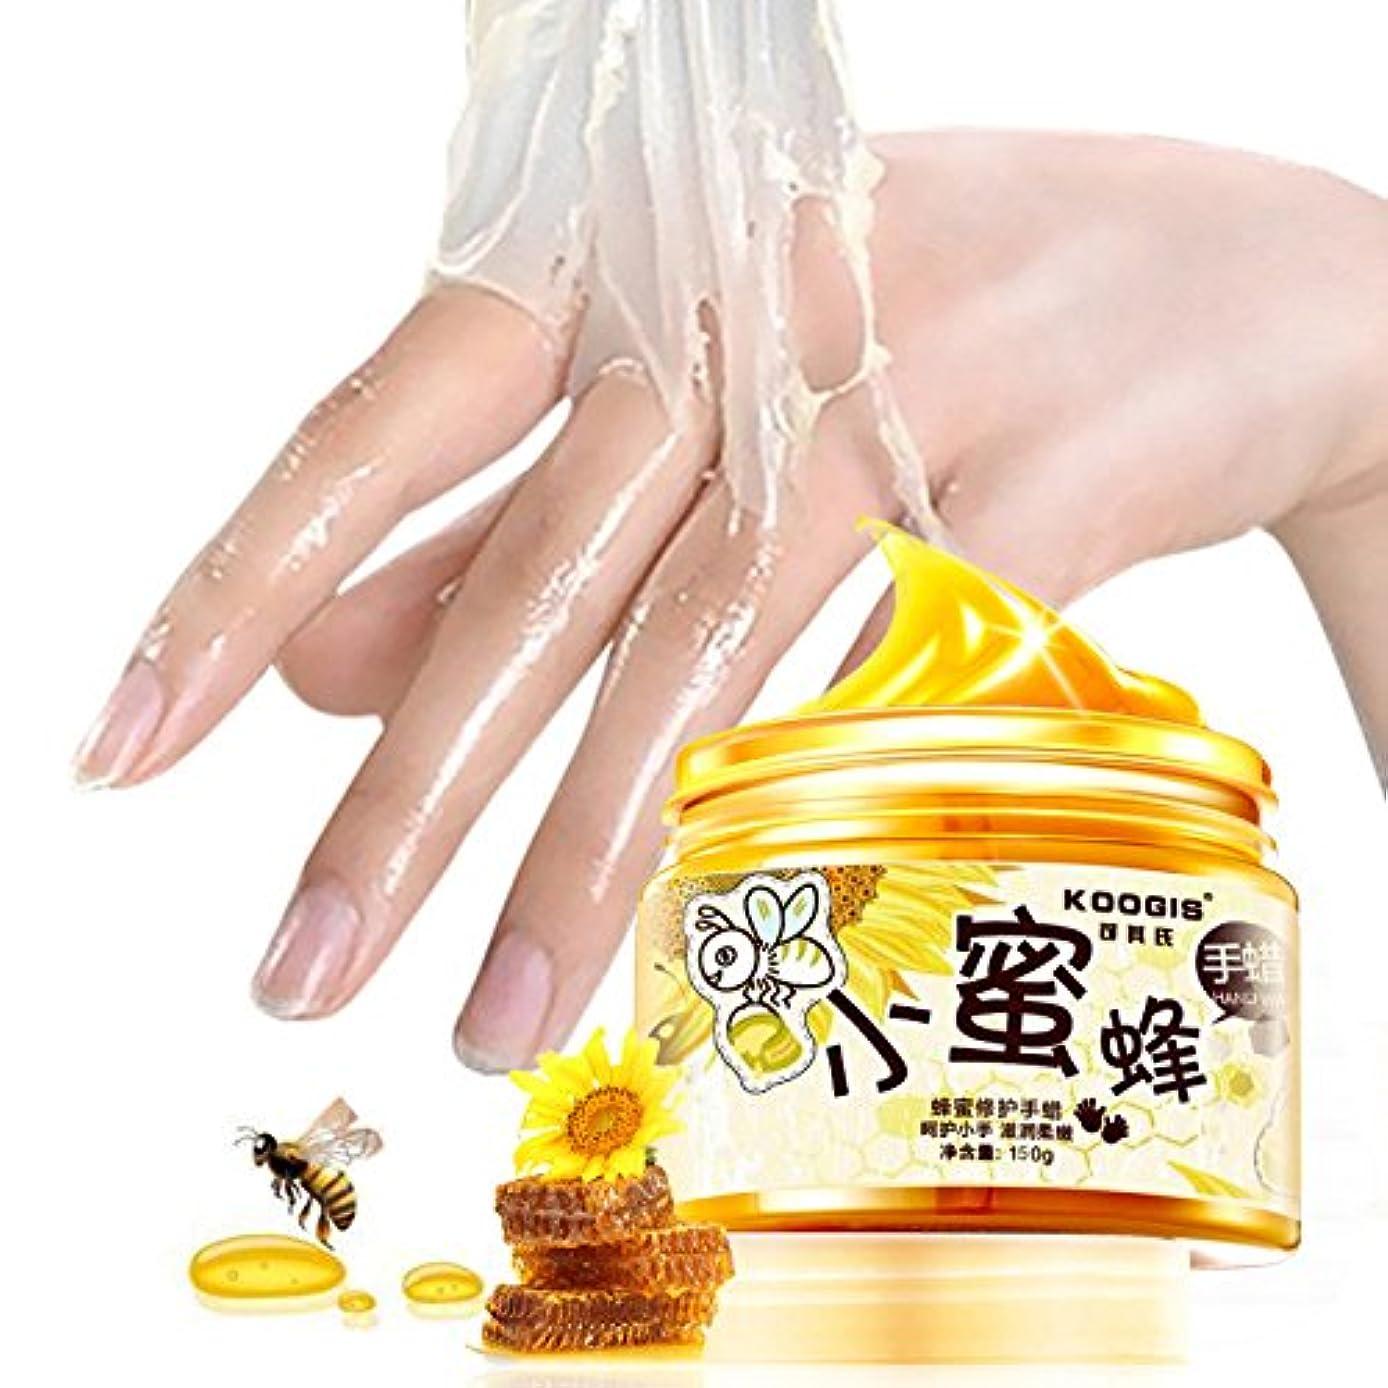 職人小さい溶けるRabugoo ミルク&ハニーピールオフハンドワックスマスク - エクスフォリエーターモイスチャライジングホワイトニングナリッシュピーリングマスク - 150g / ml